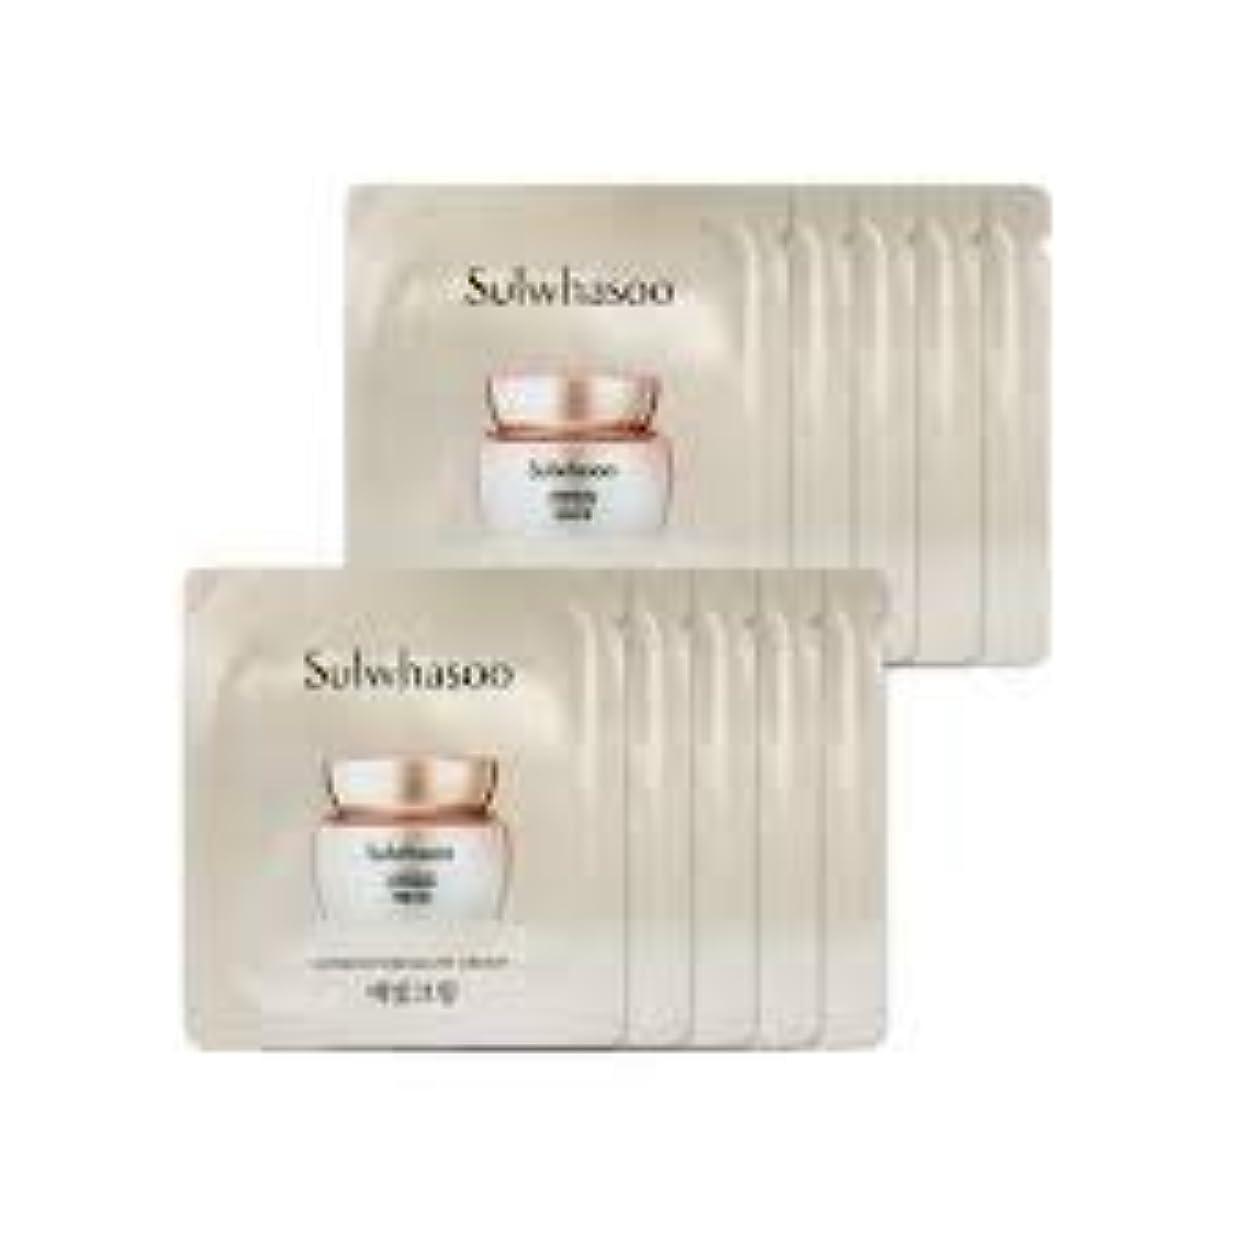 棚冷淡な偏差[ソルファス ] Sulwhasoo (雪花秀) ルミナチュアグロー Luminature Glow Cream 1ml x 30 (イェビトクリーム) [ShopMaster1]